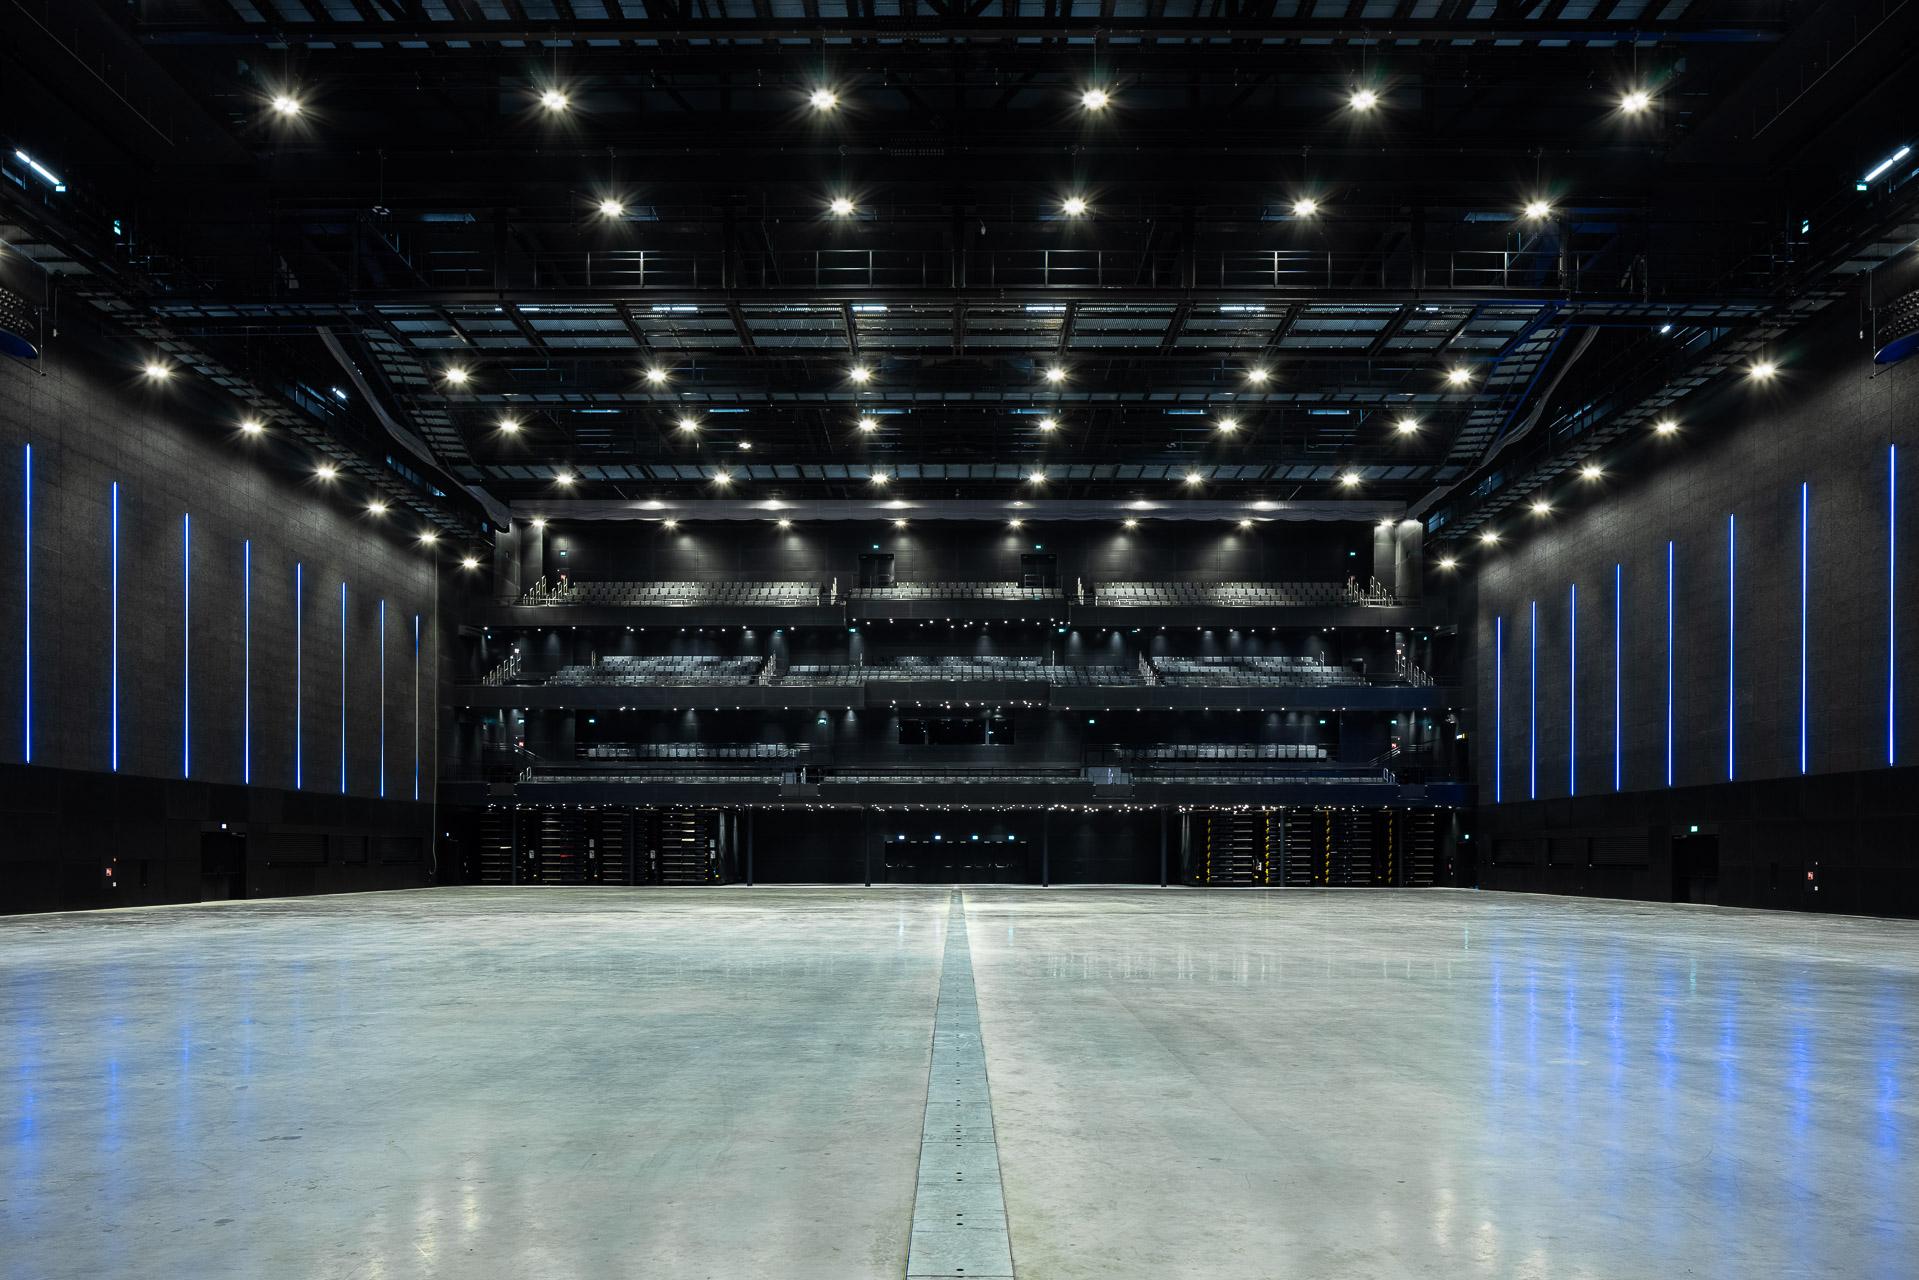 SP2020-Rotterdam-Ahoy-Convention-Centre-Interieur-15-Architectuur-fotografie